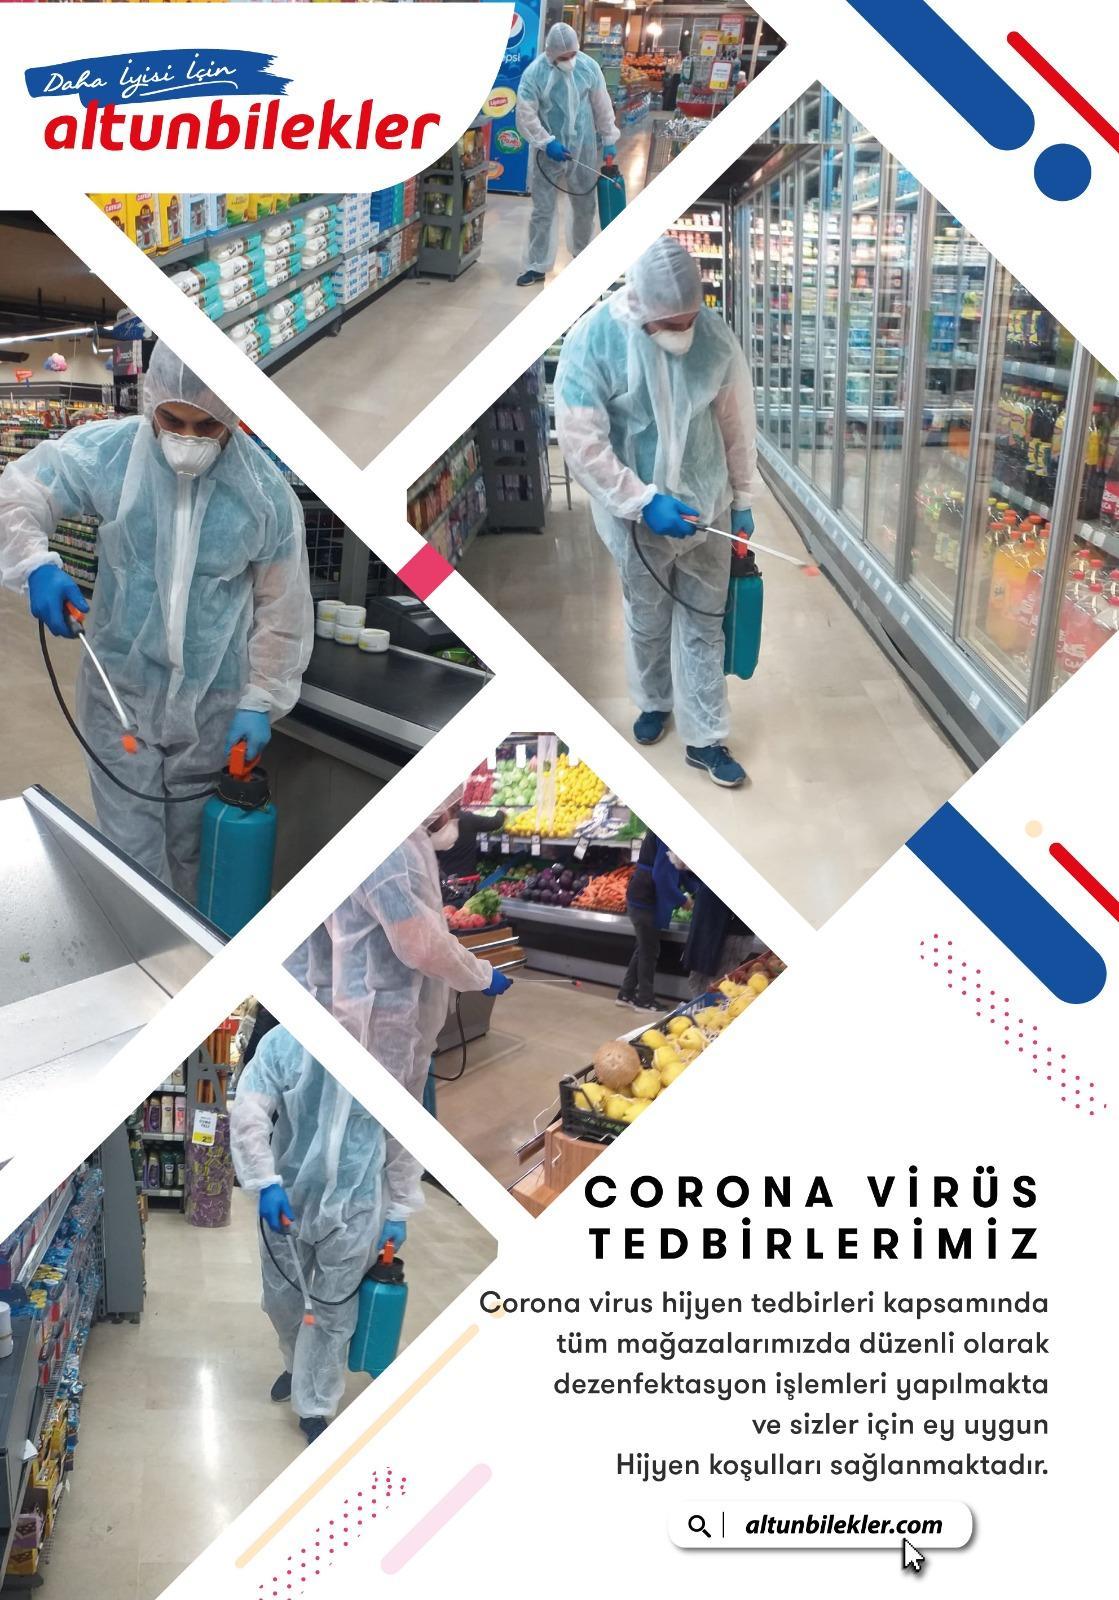 Altunbilekler 'de koronavirüs önlemleri